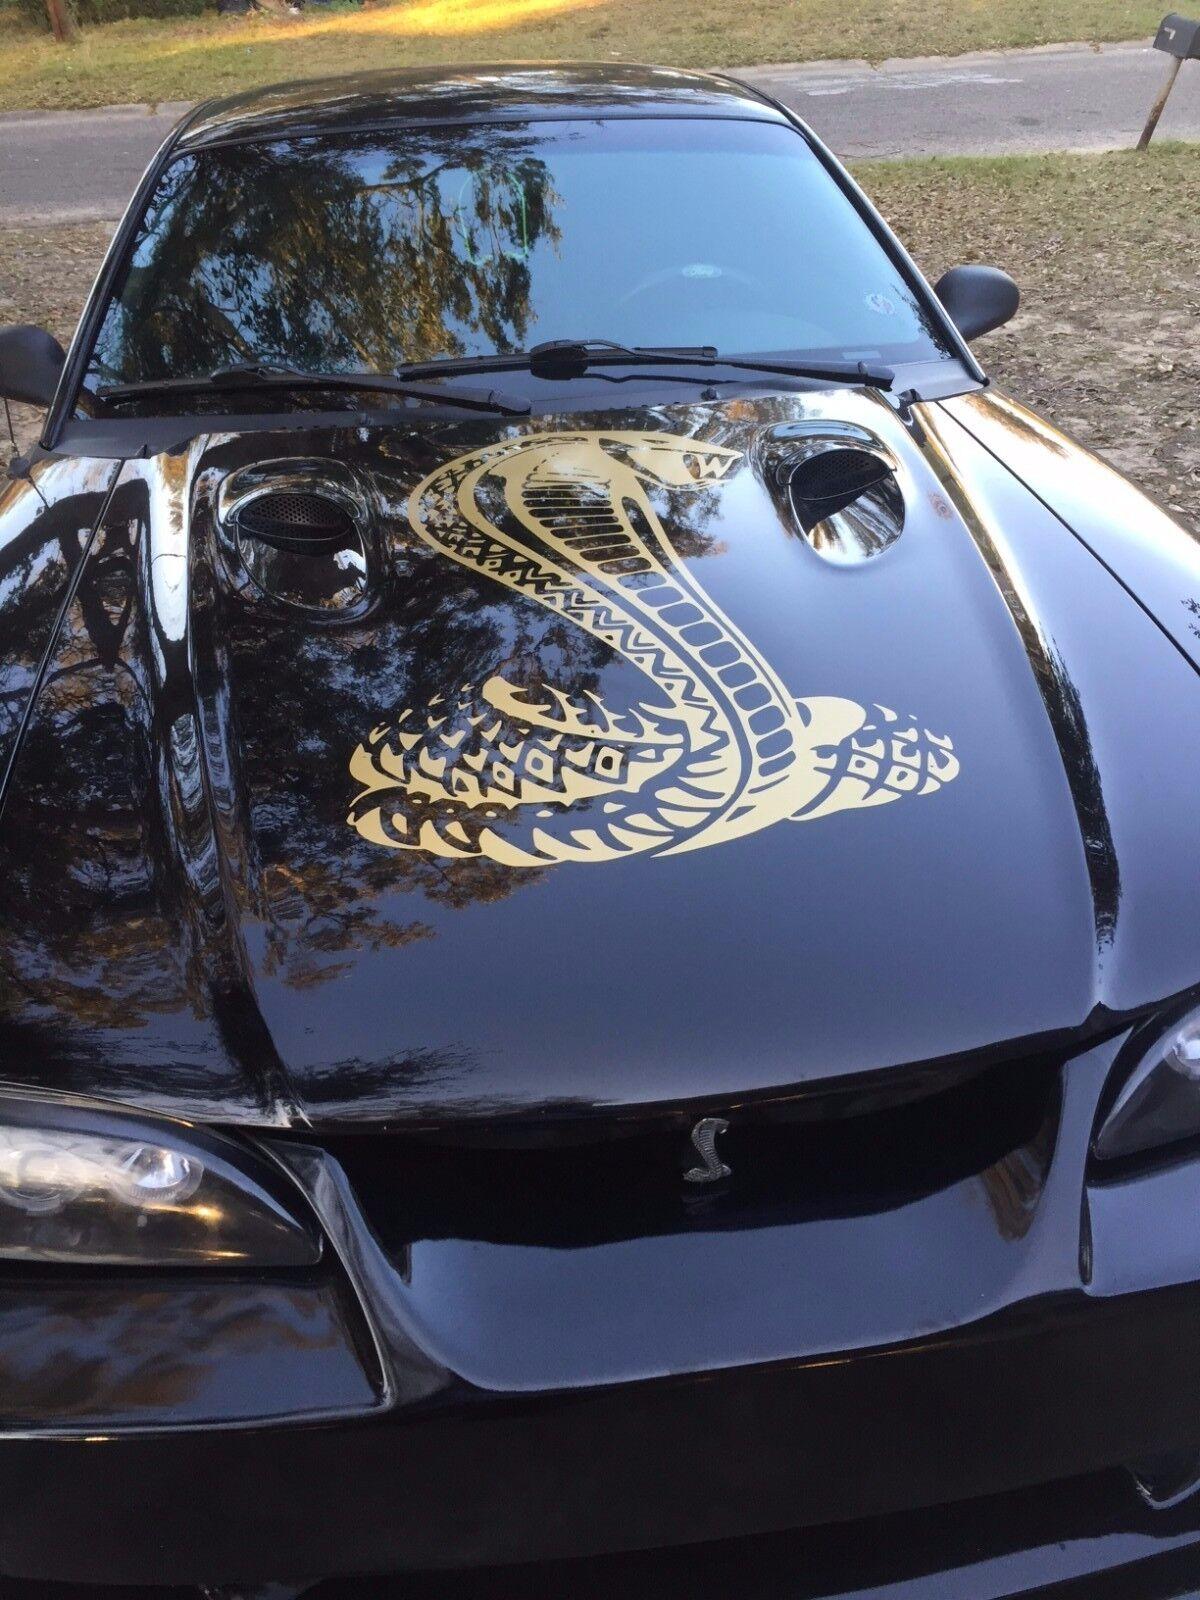 Hellhorse Black Ford Race Car Cobra GT V8 V6 Mustang Vinyl Decal Sticker